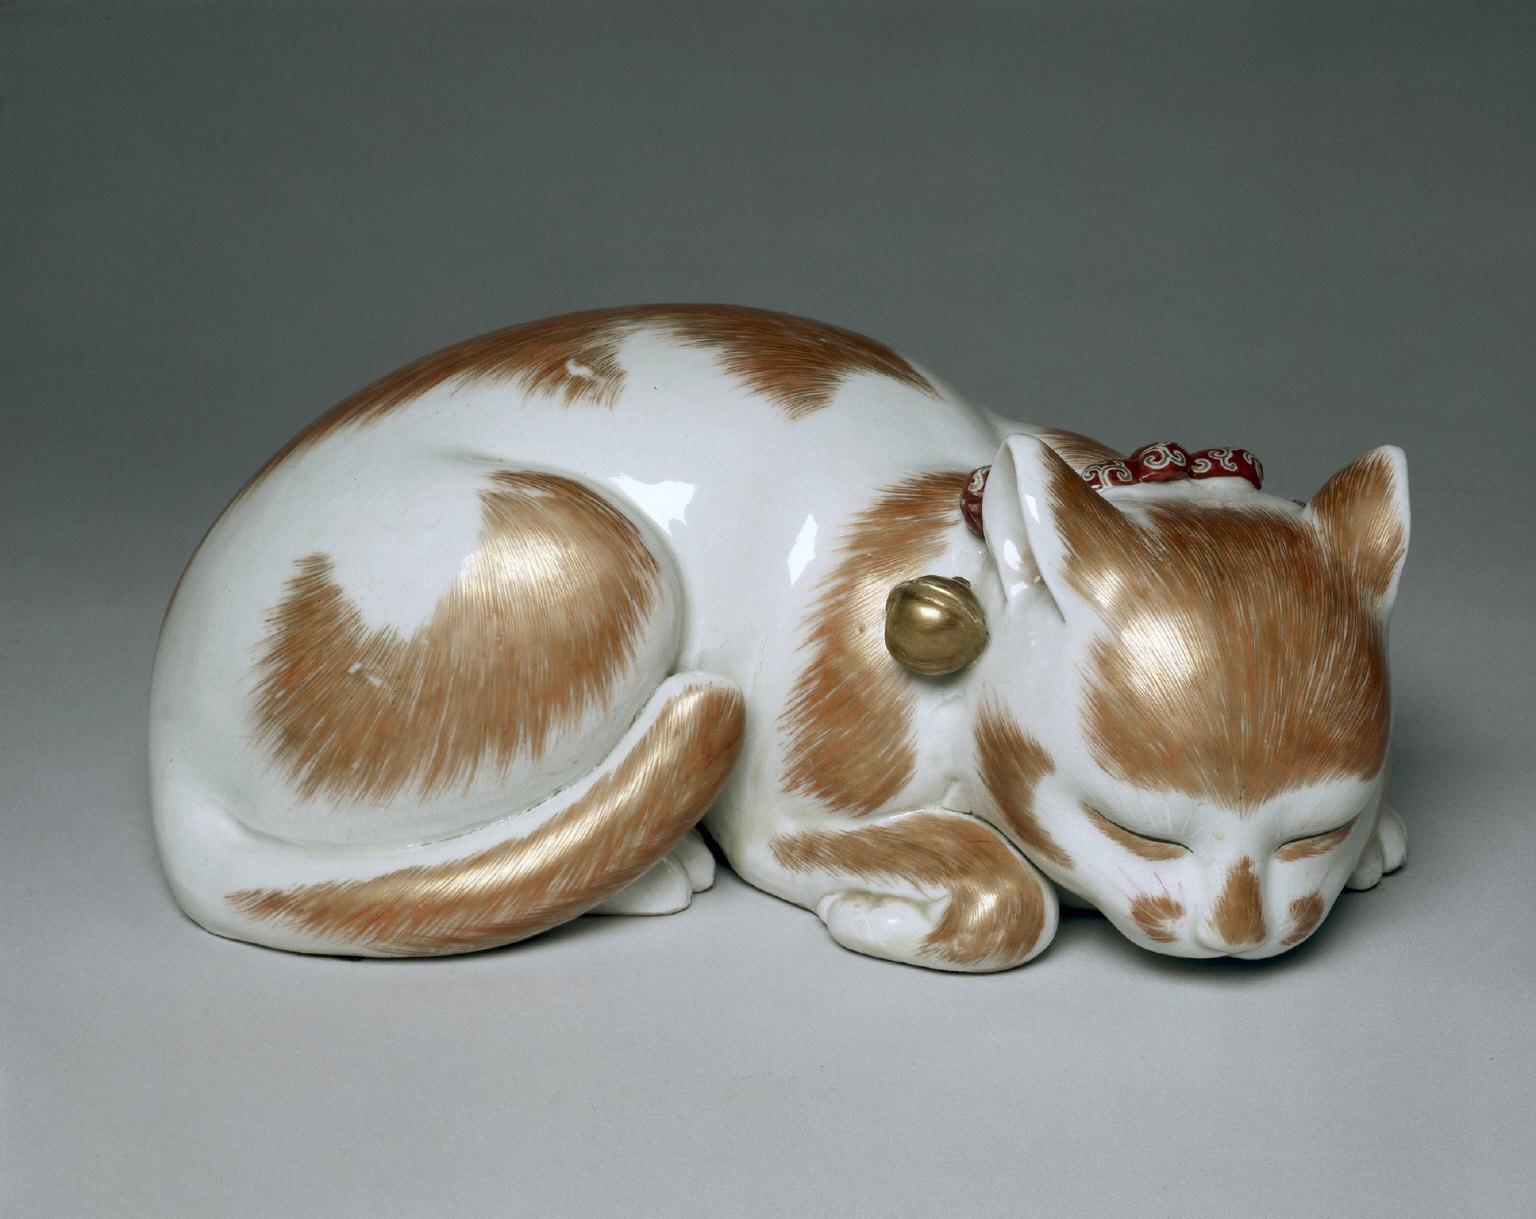 Sleeping Cat: Ko Imari Type